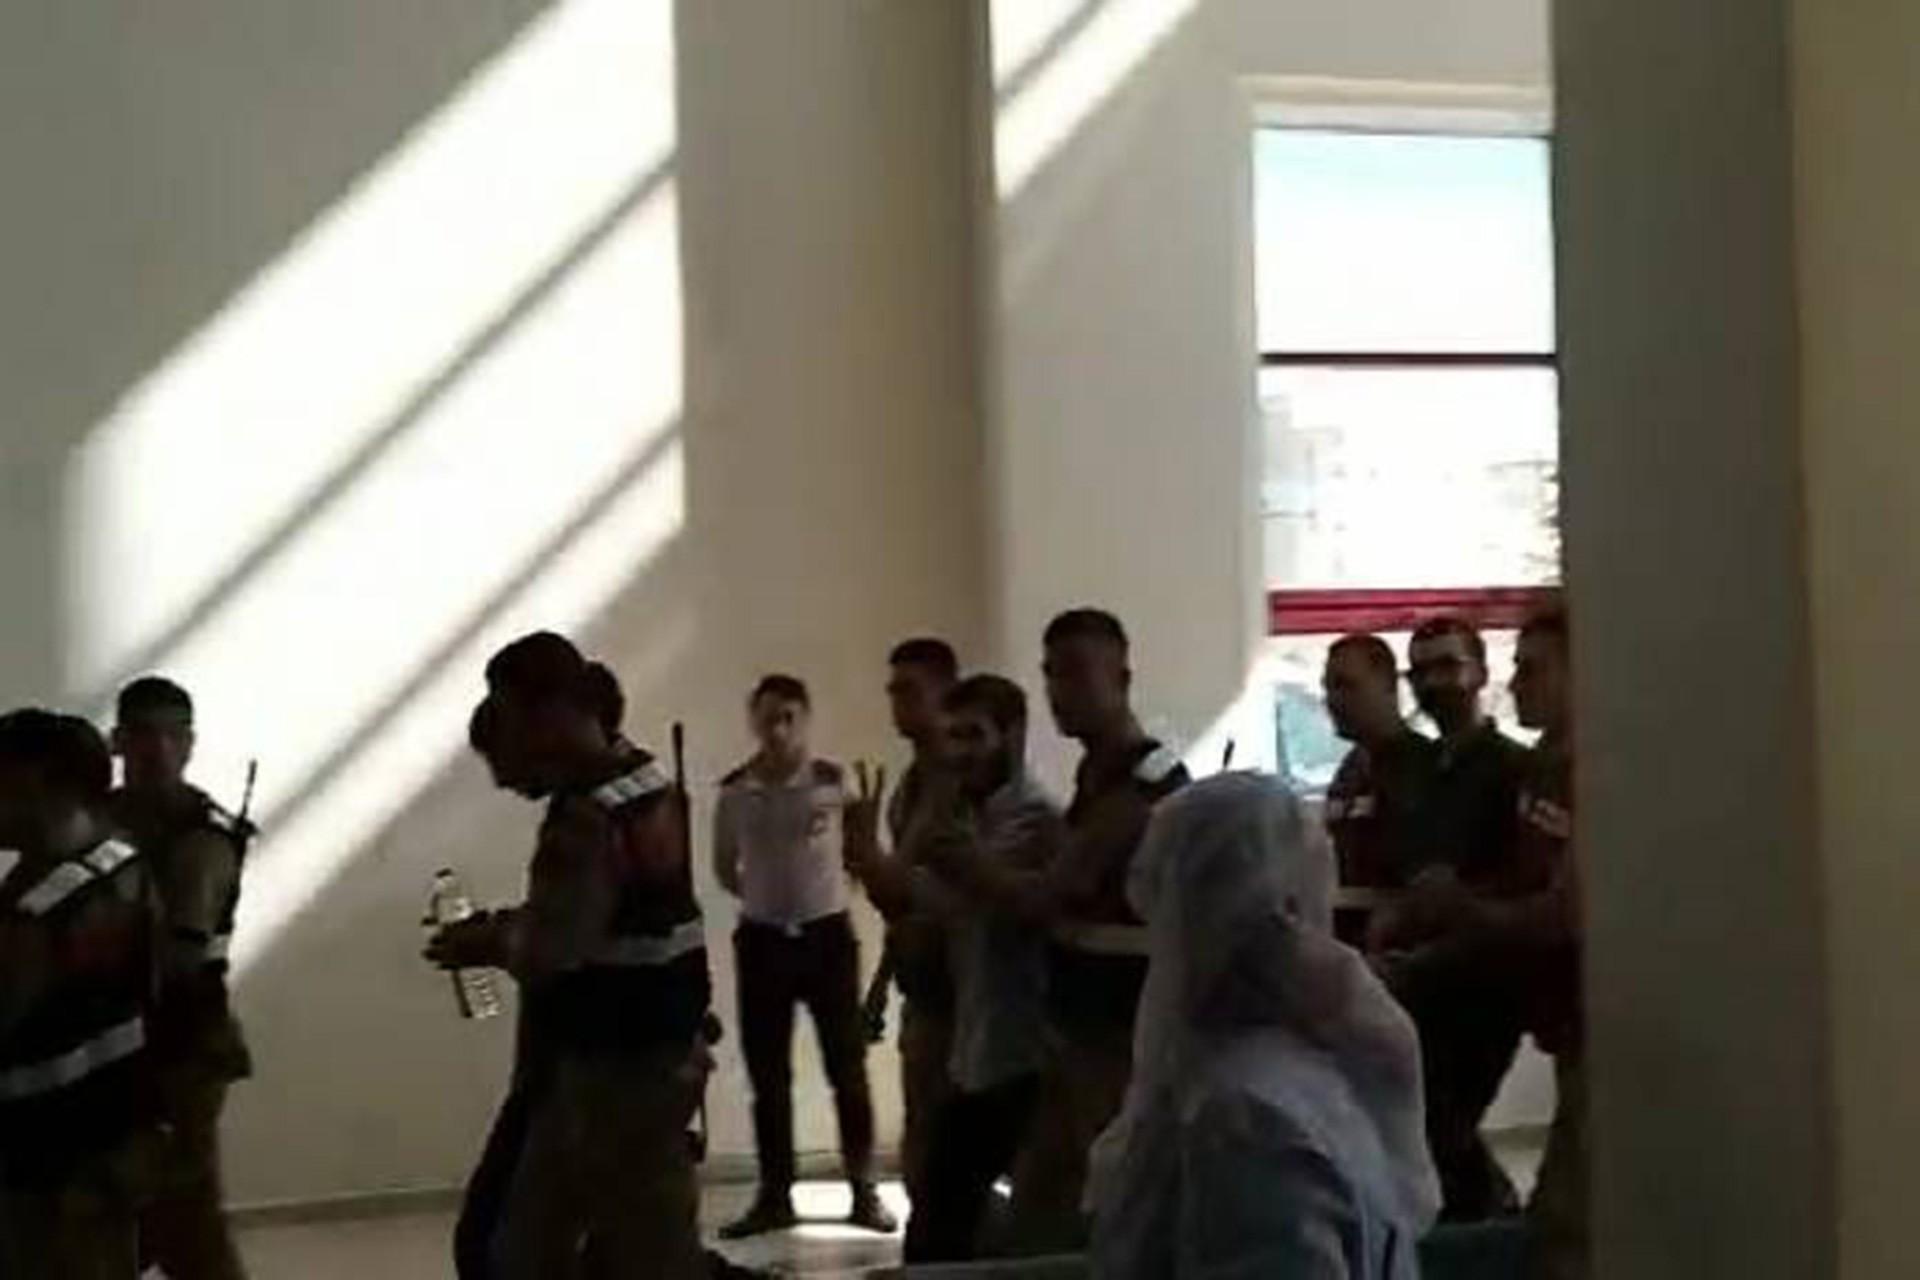 Açlık grevini sonlandıran 221 tutukludan sadece 21'i hastaneye kaldırıldı